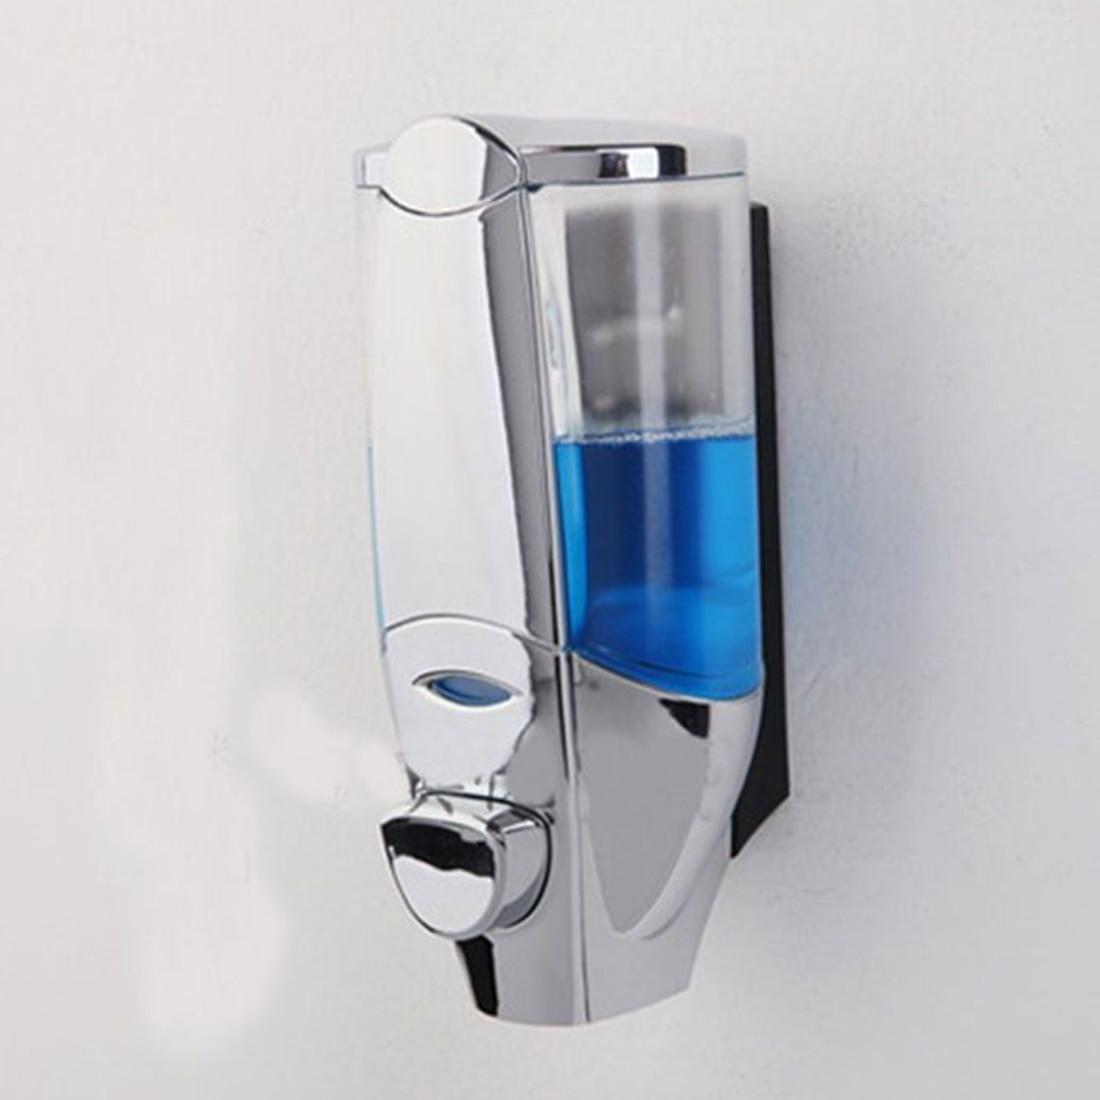 300 мл настенное крепление Мыло средство Ванная комната Санузел Душ шампунь диспенсер Ванная комната полезные продукты